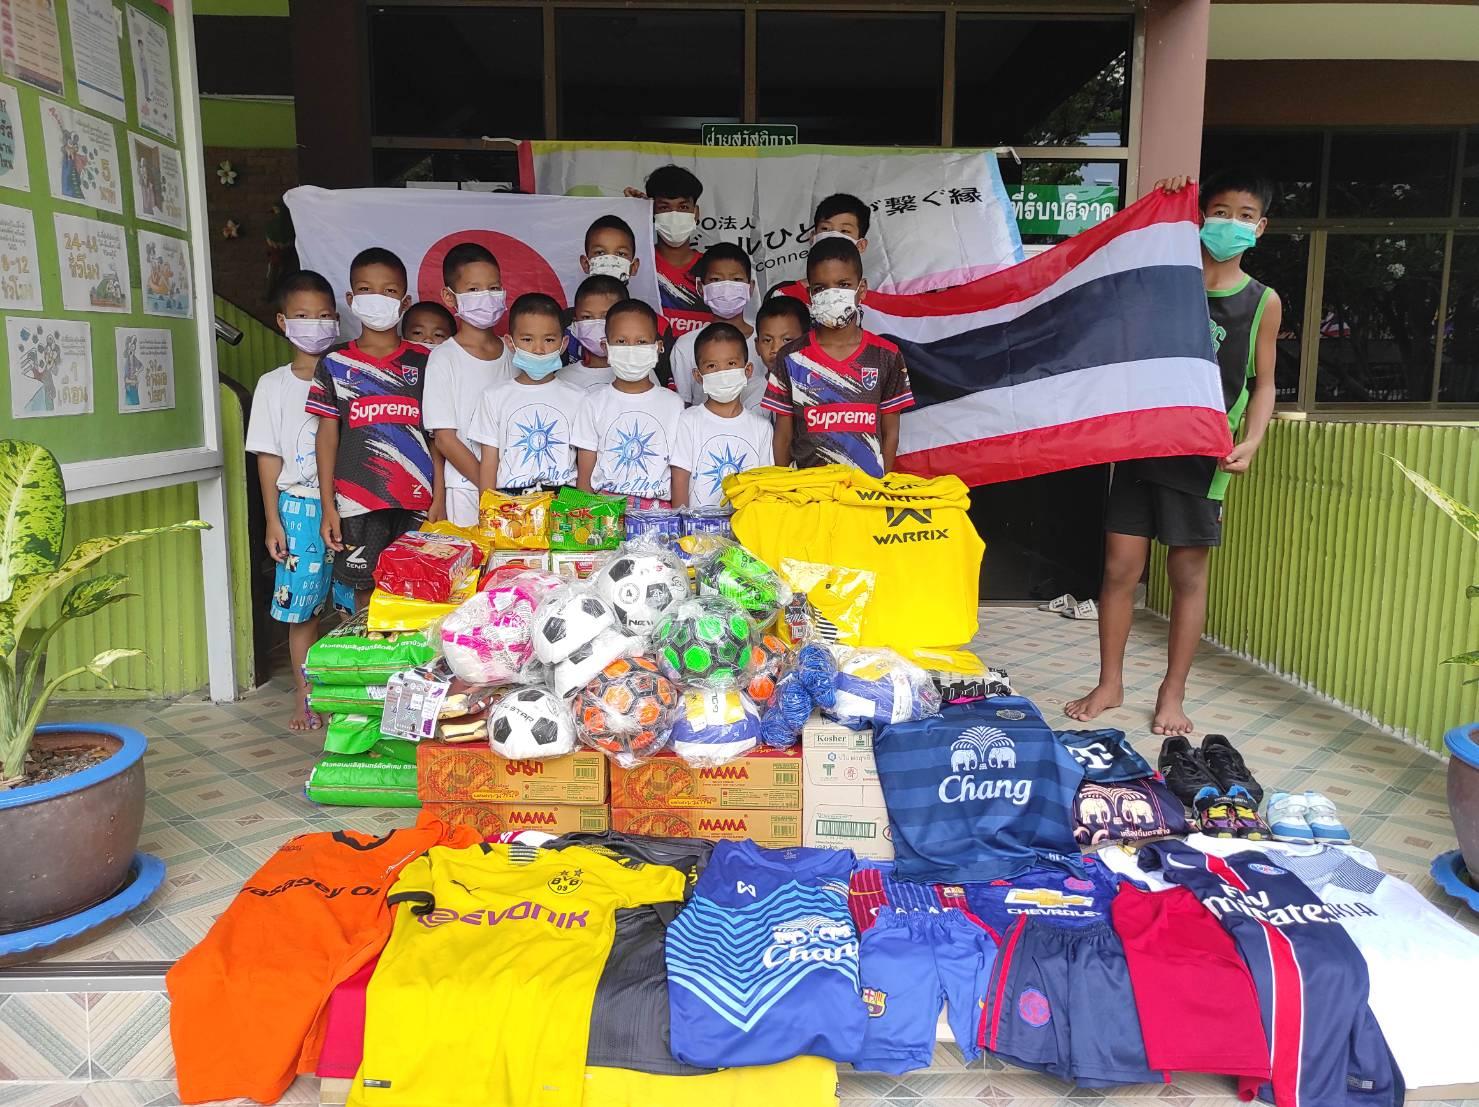 集合写真 NPOボールひとつが繋ぐ縁20 タイ王国 バンコク bannmahamek LIVE支援(2021年4月17日)